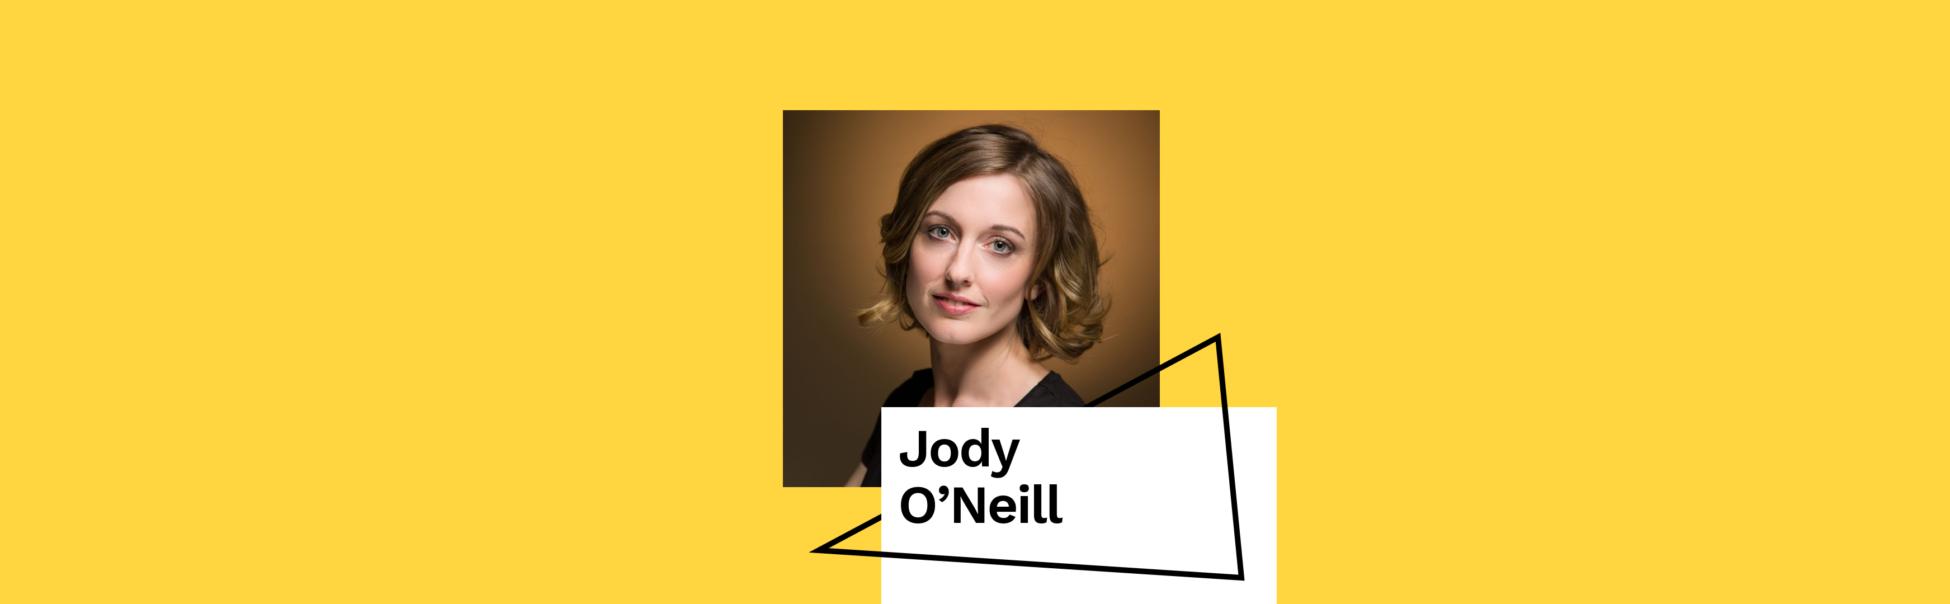 Jody O'Neill